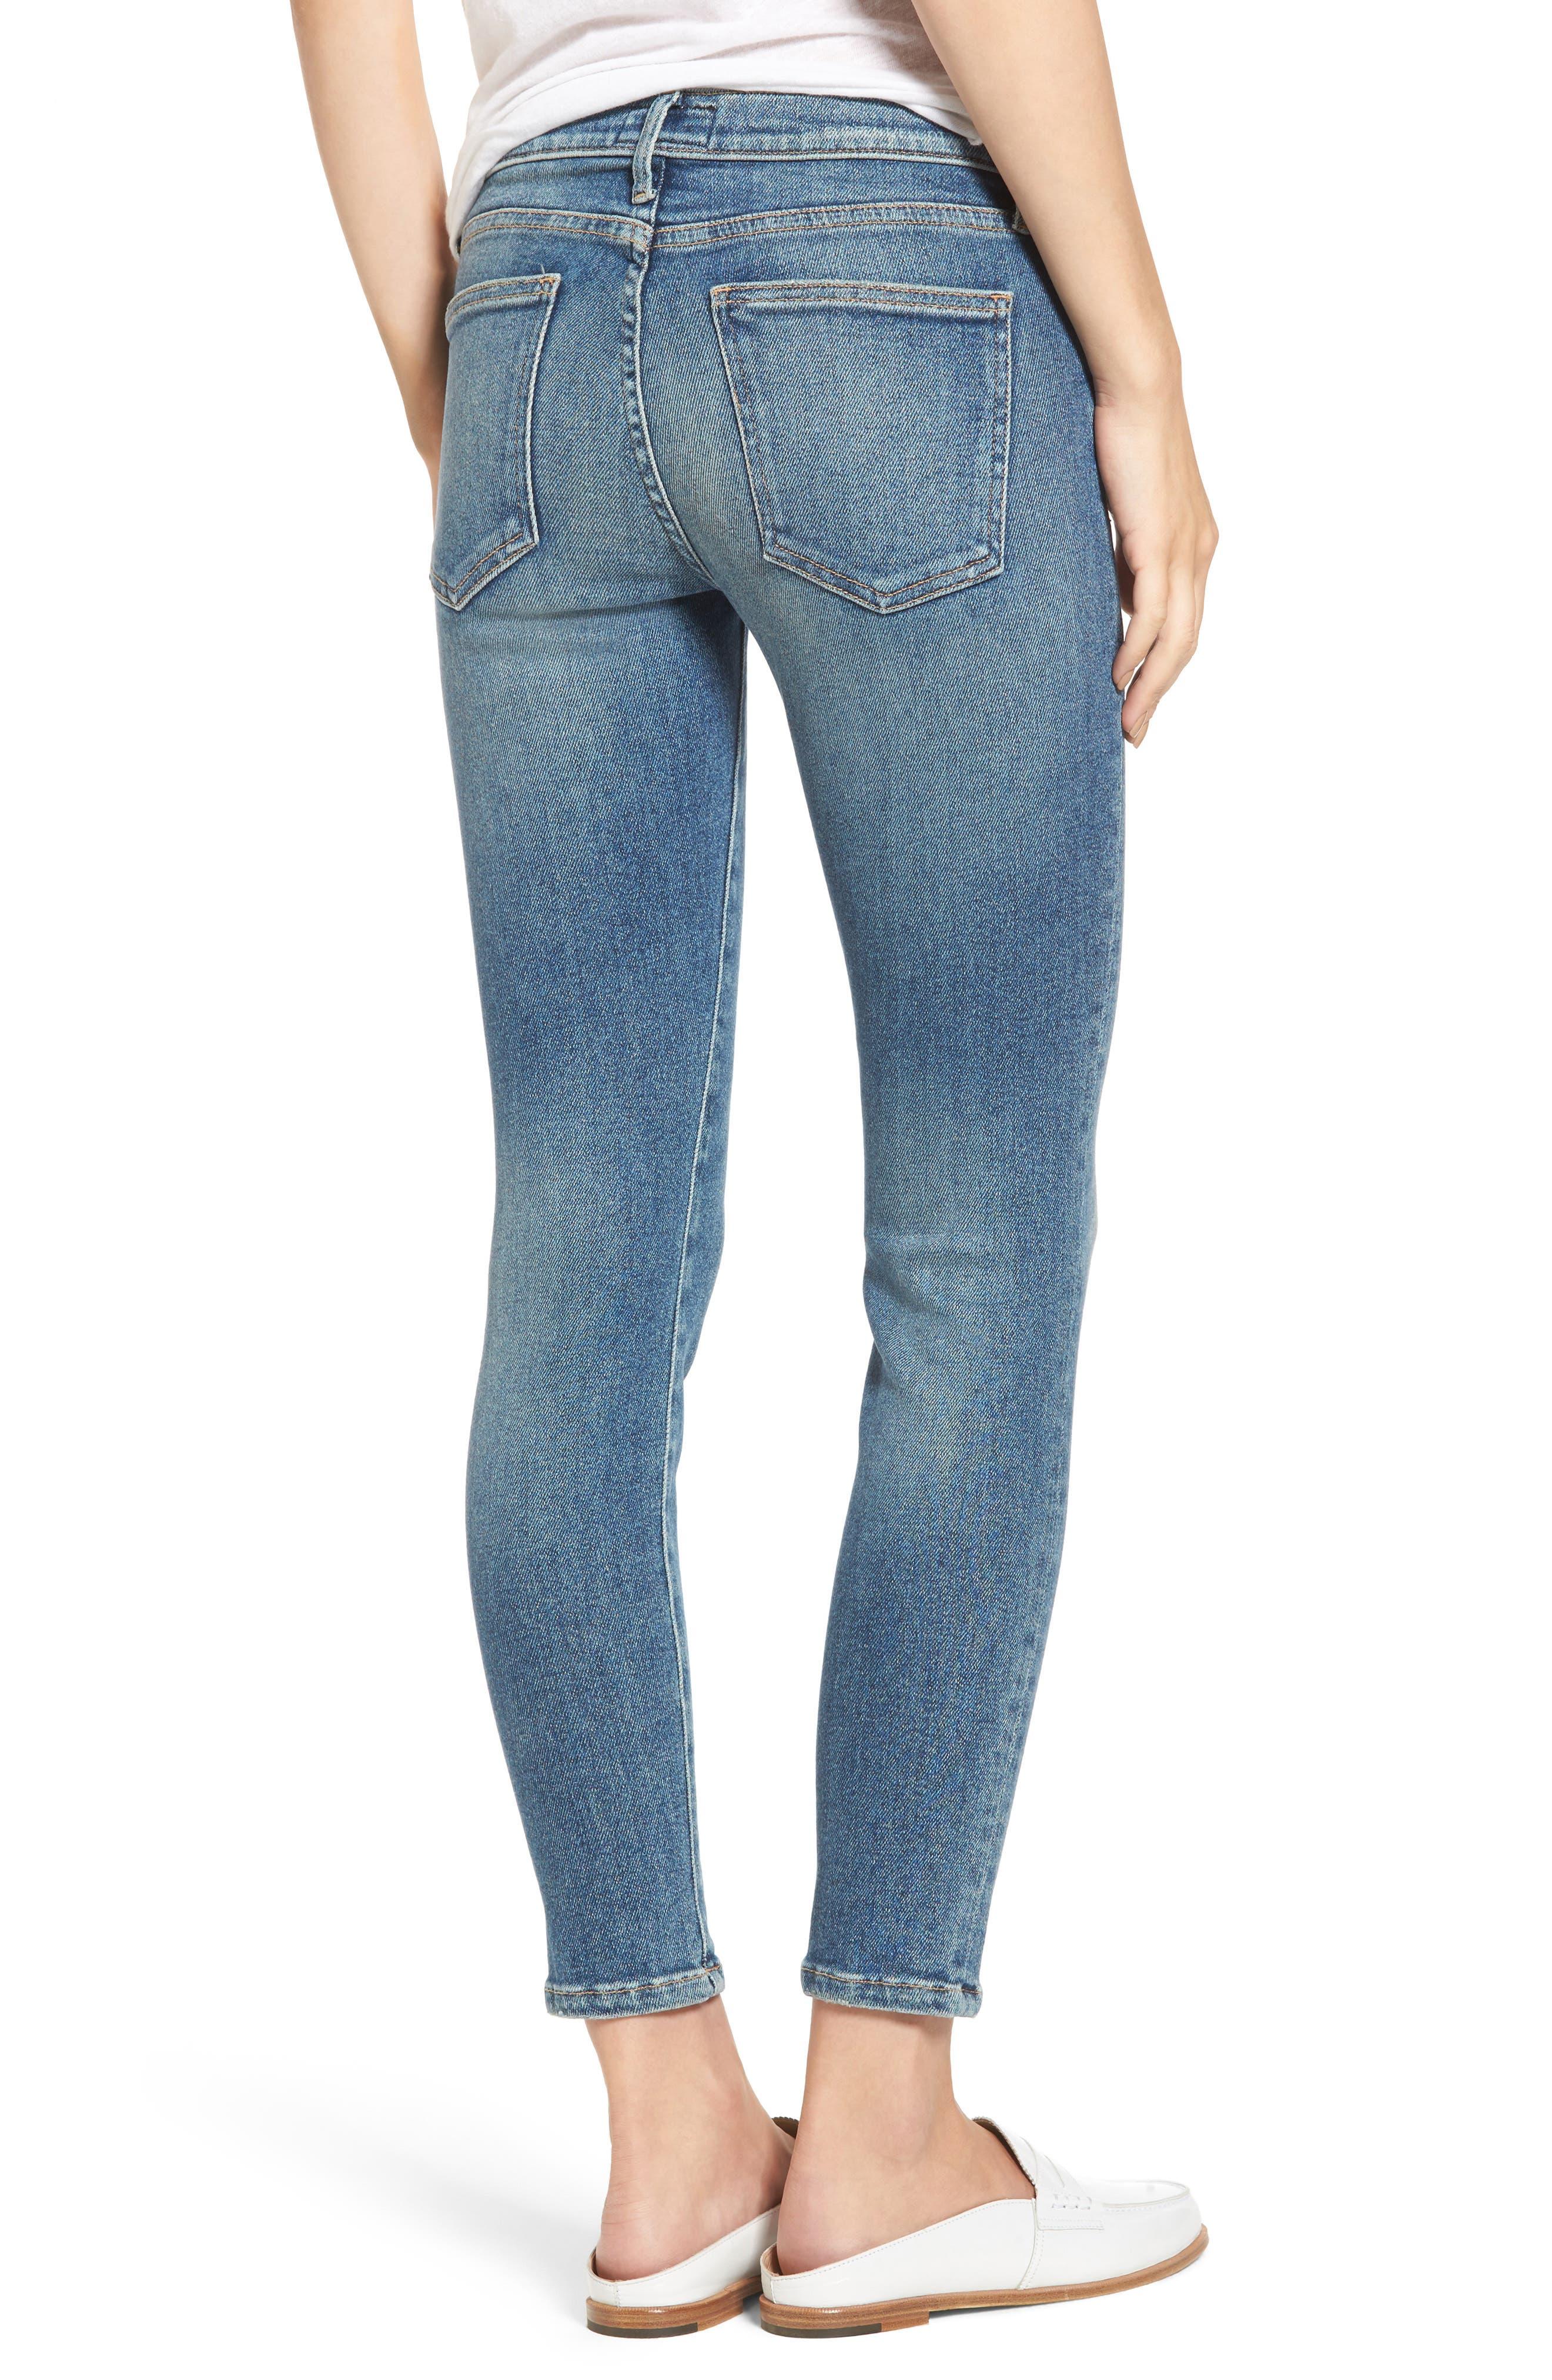 Alternate Image 2  - Current/Elliott The Stiletto Ankle Skinny Jeans (Ashurst)